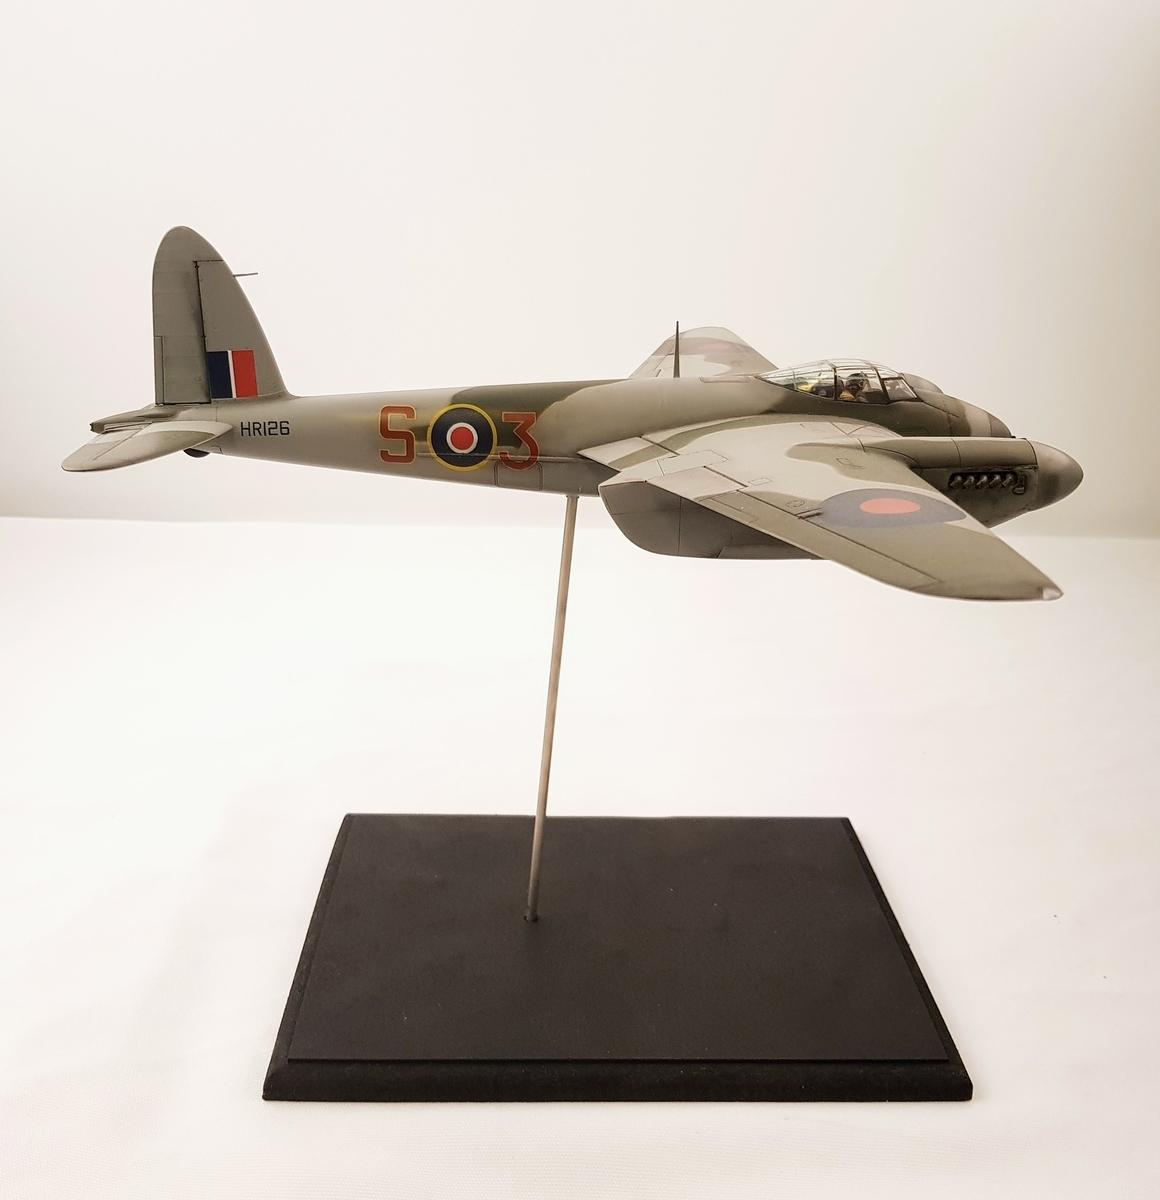 Modell av Mosquito HRI126.